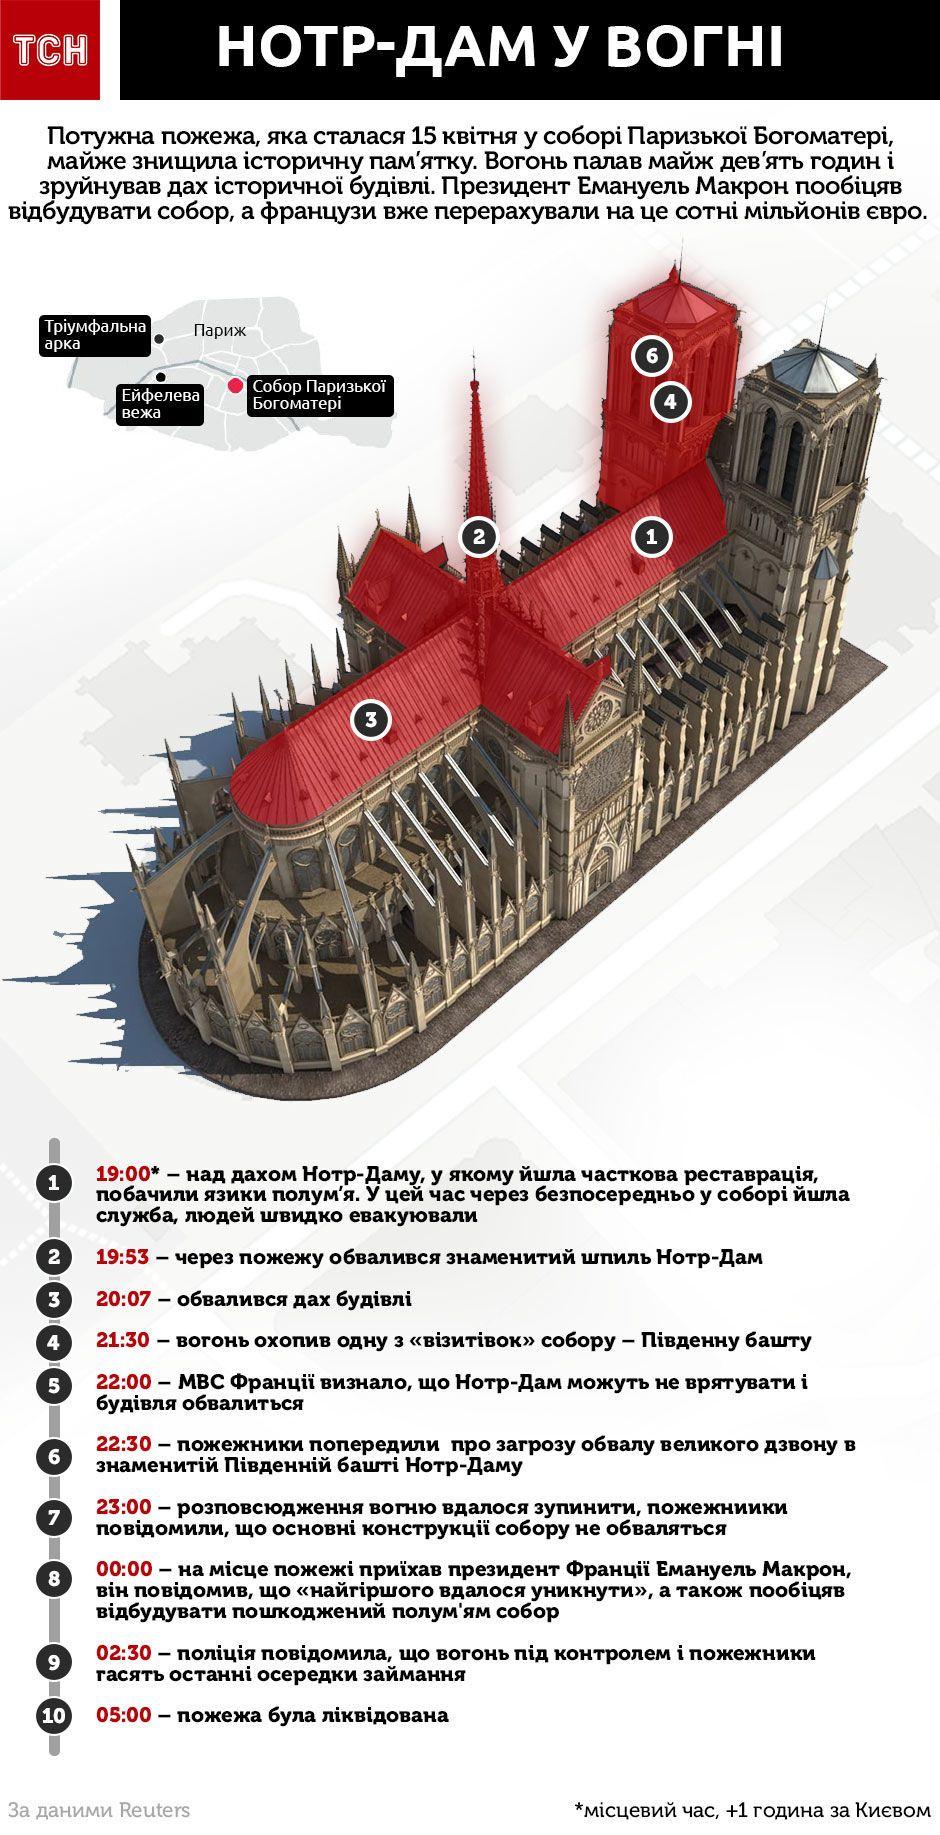 Пожежа Нотр-Дам інфографіка